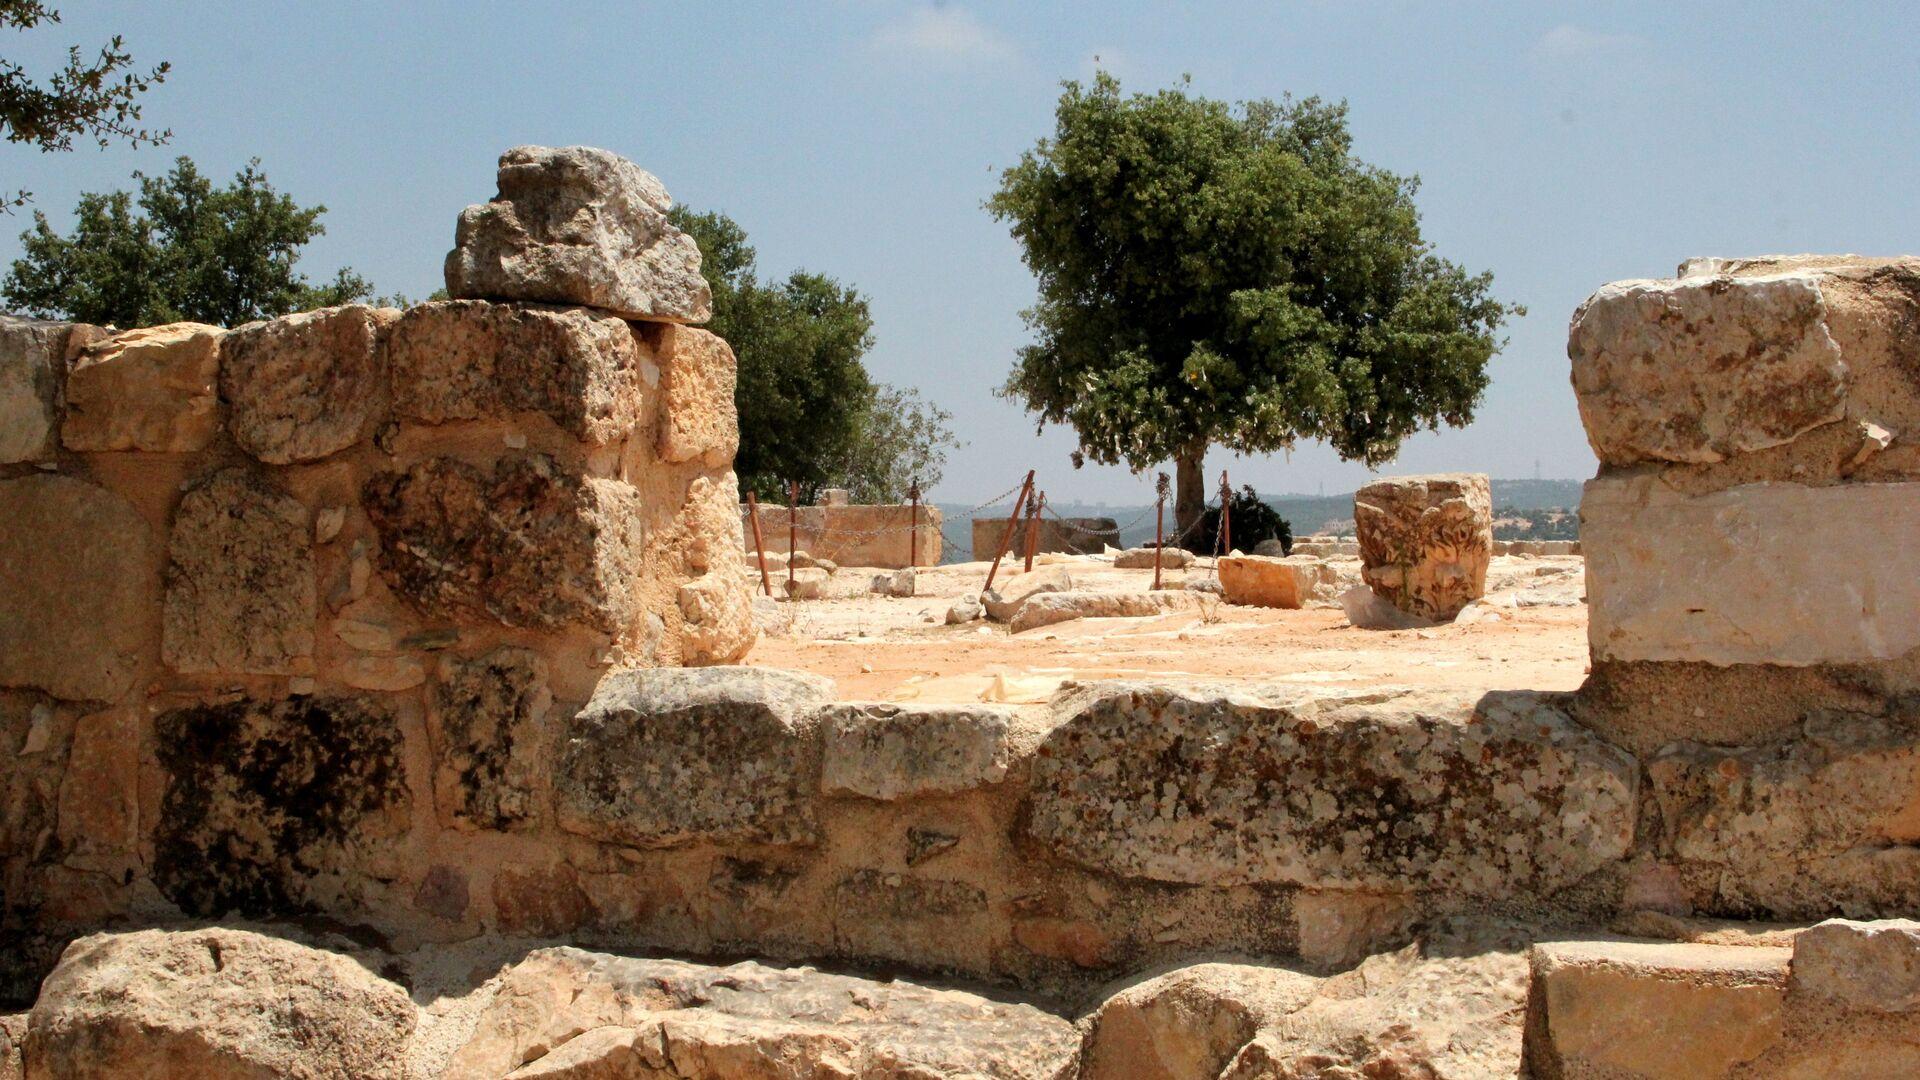 Развалины храма в Тель-Мар-Ильяс, где родился пророк Илия - РИА Новости, 1920, 02.08.2021